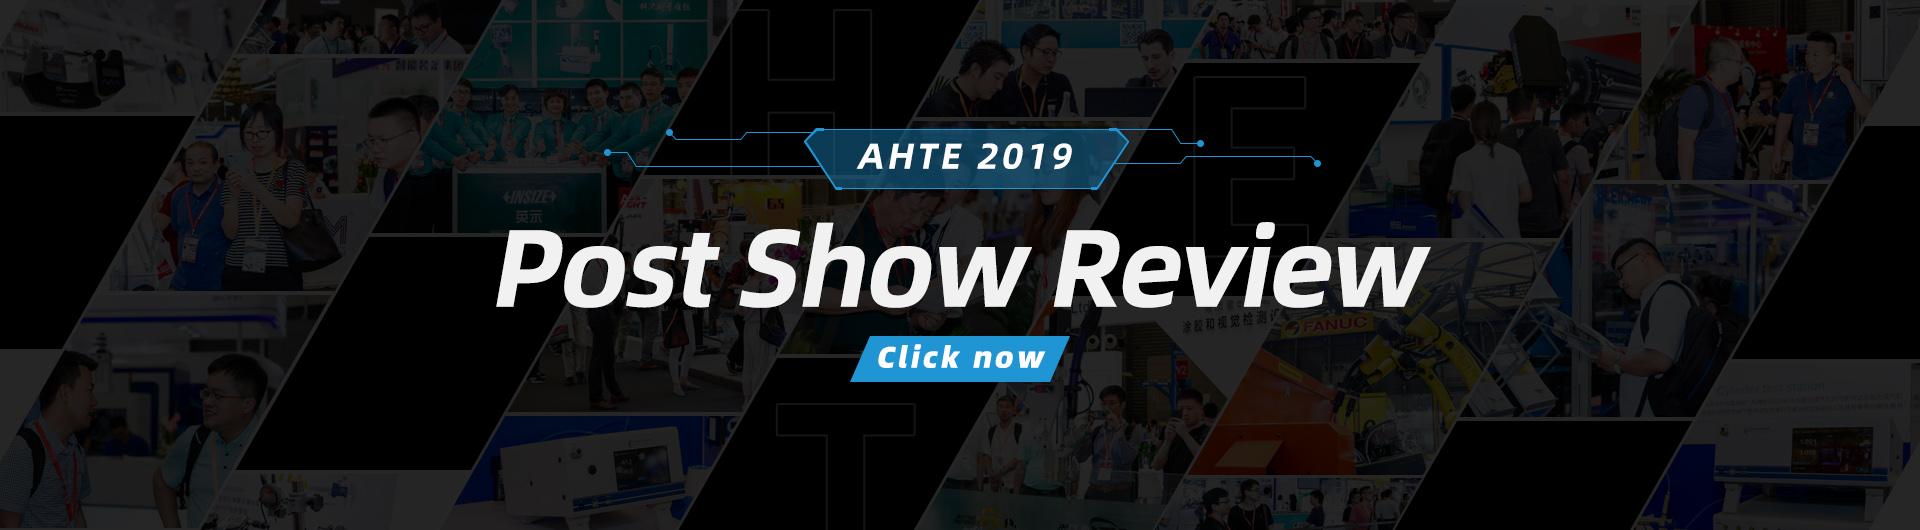 AHTE 2019 展后回顾 en